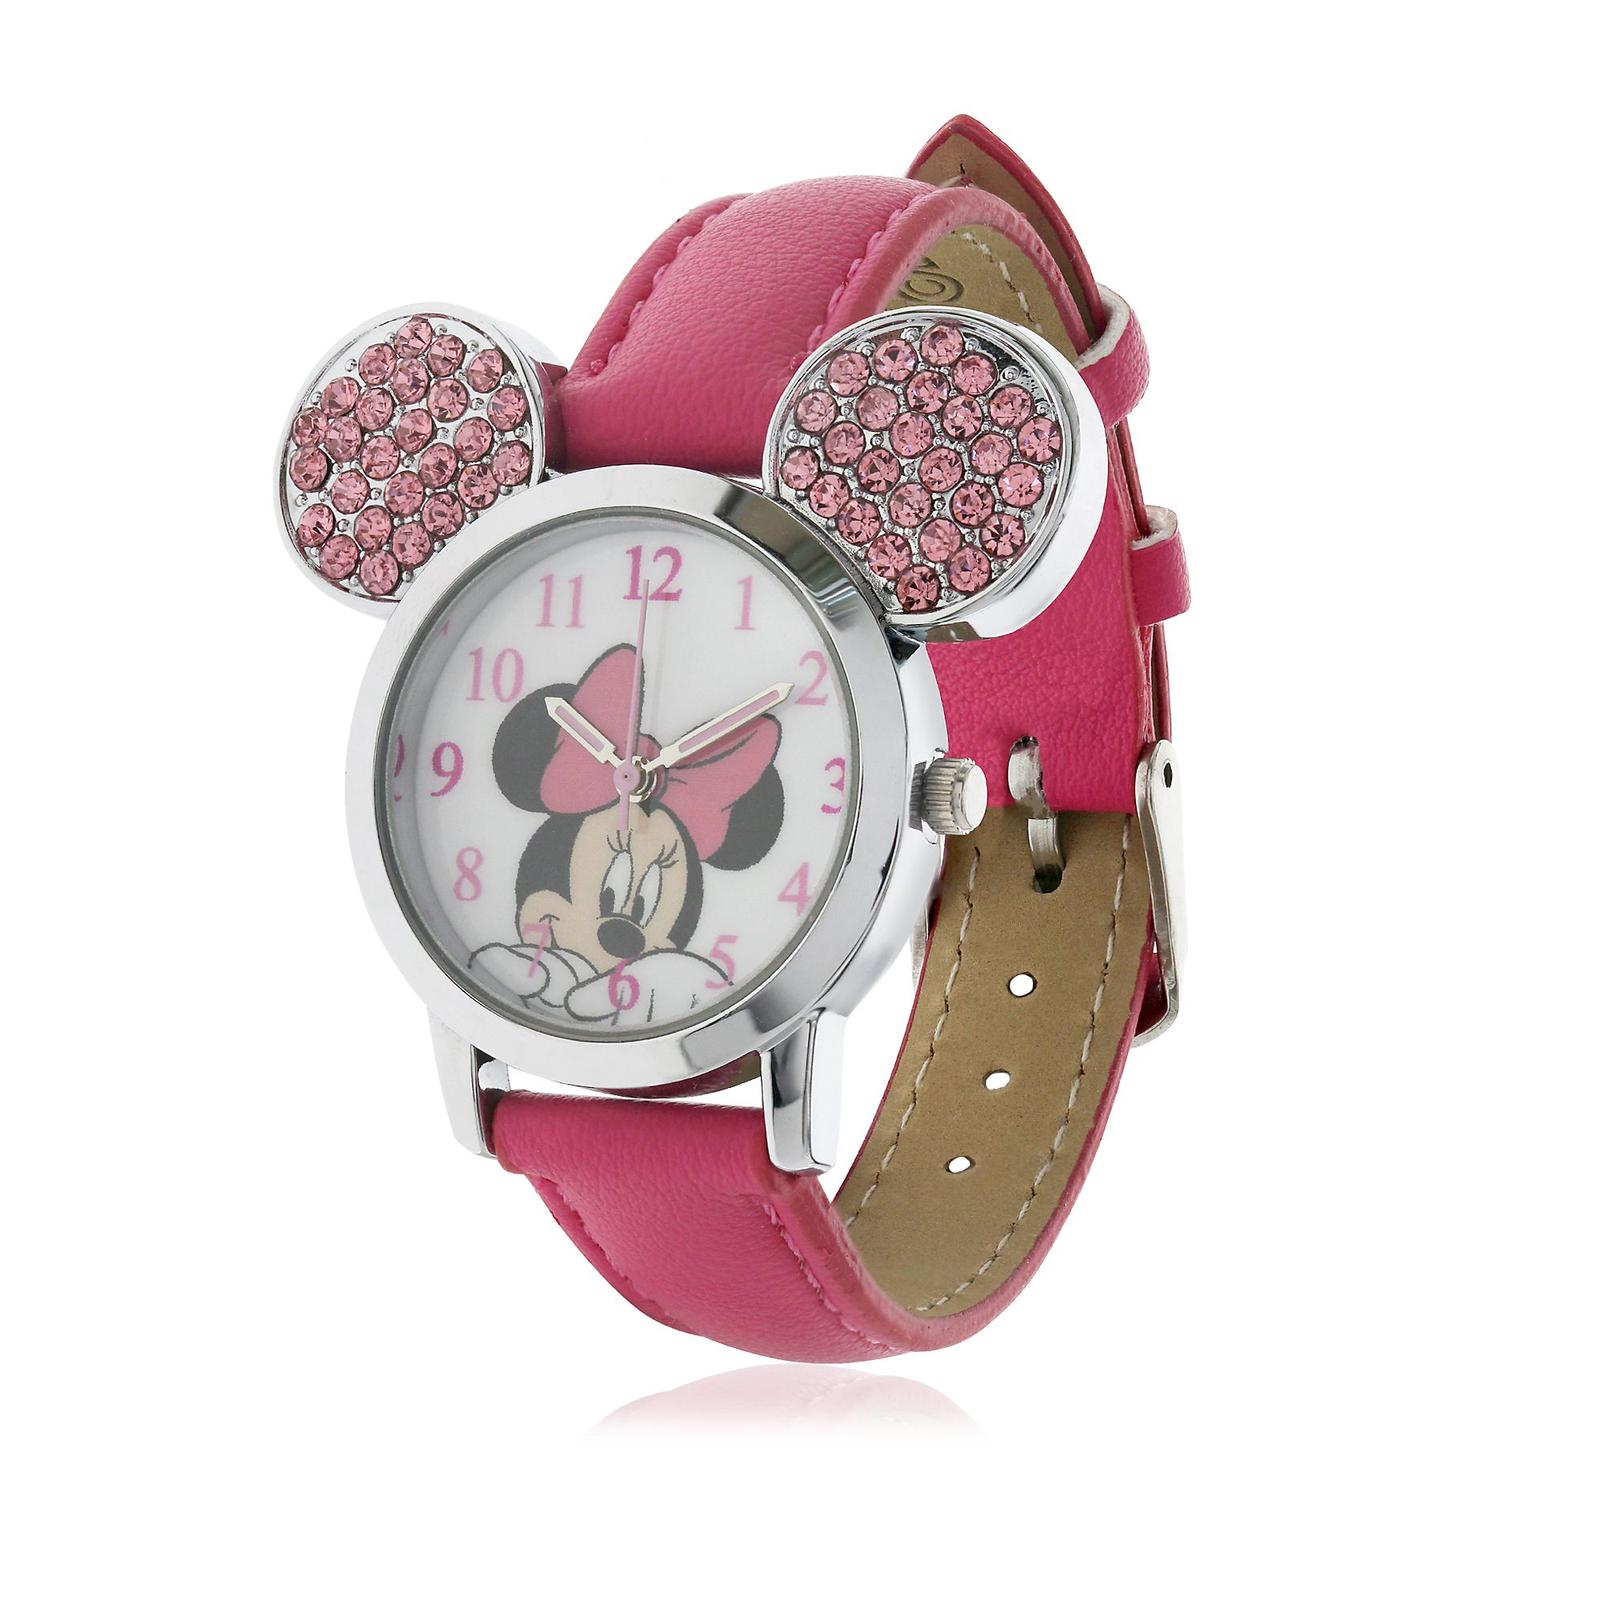 de516061a Disney - hodinky minnie mouse, - 33,90 € od predávajúcej amalenka21   Detský  bazár   ModryKonik.sk